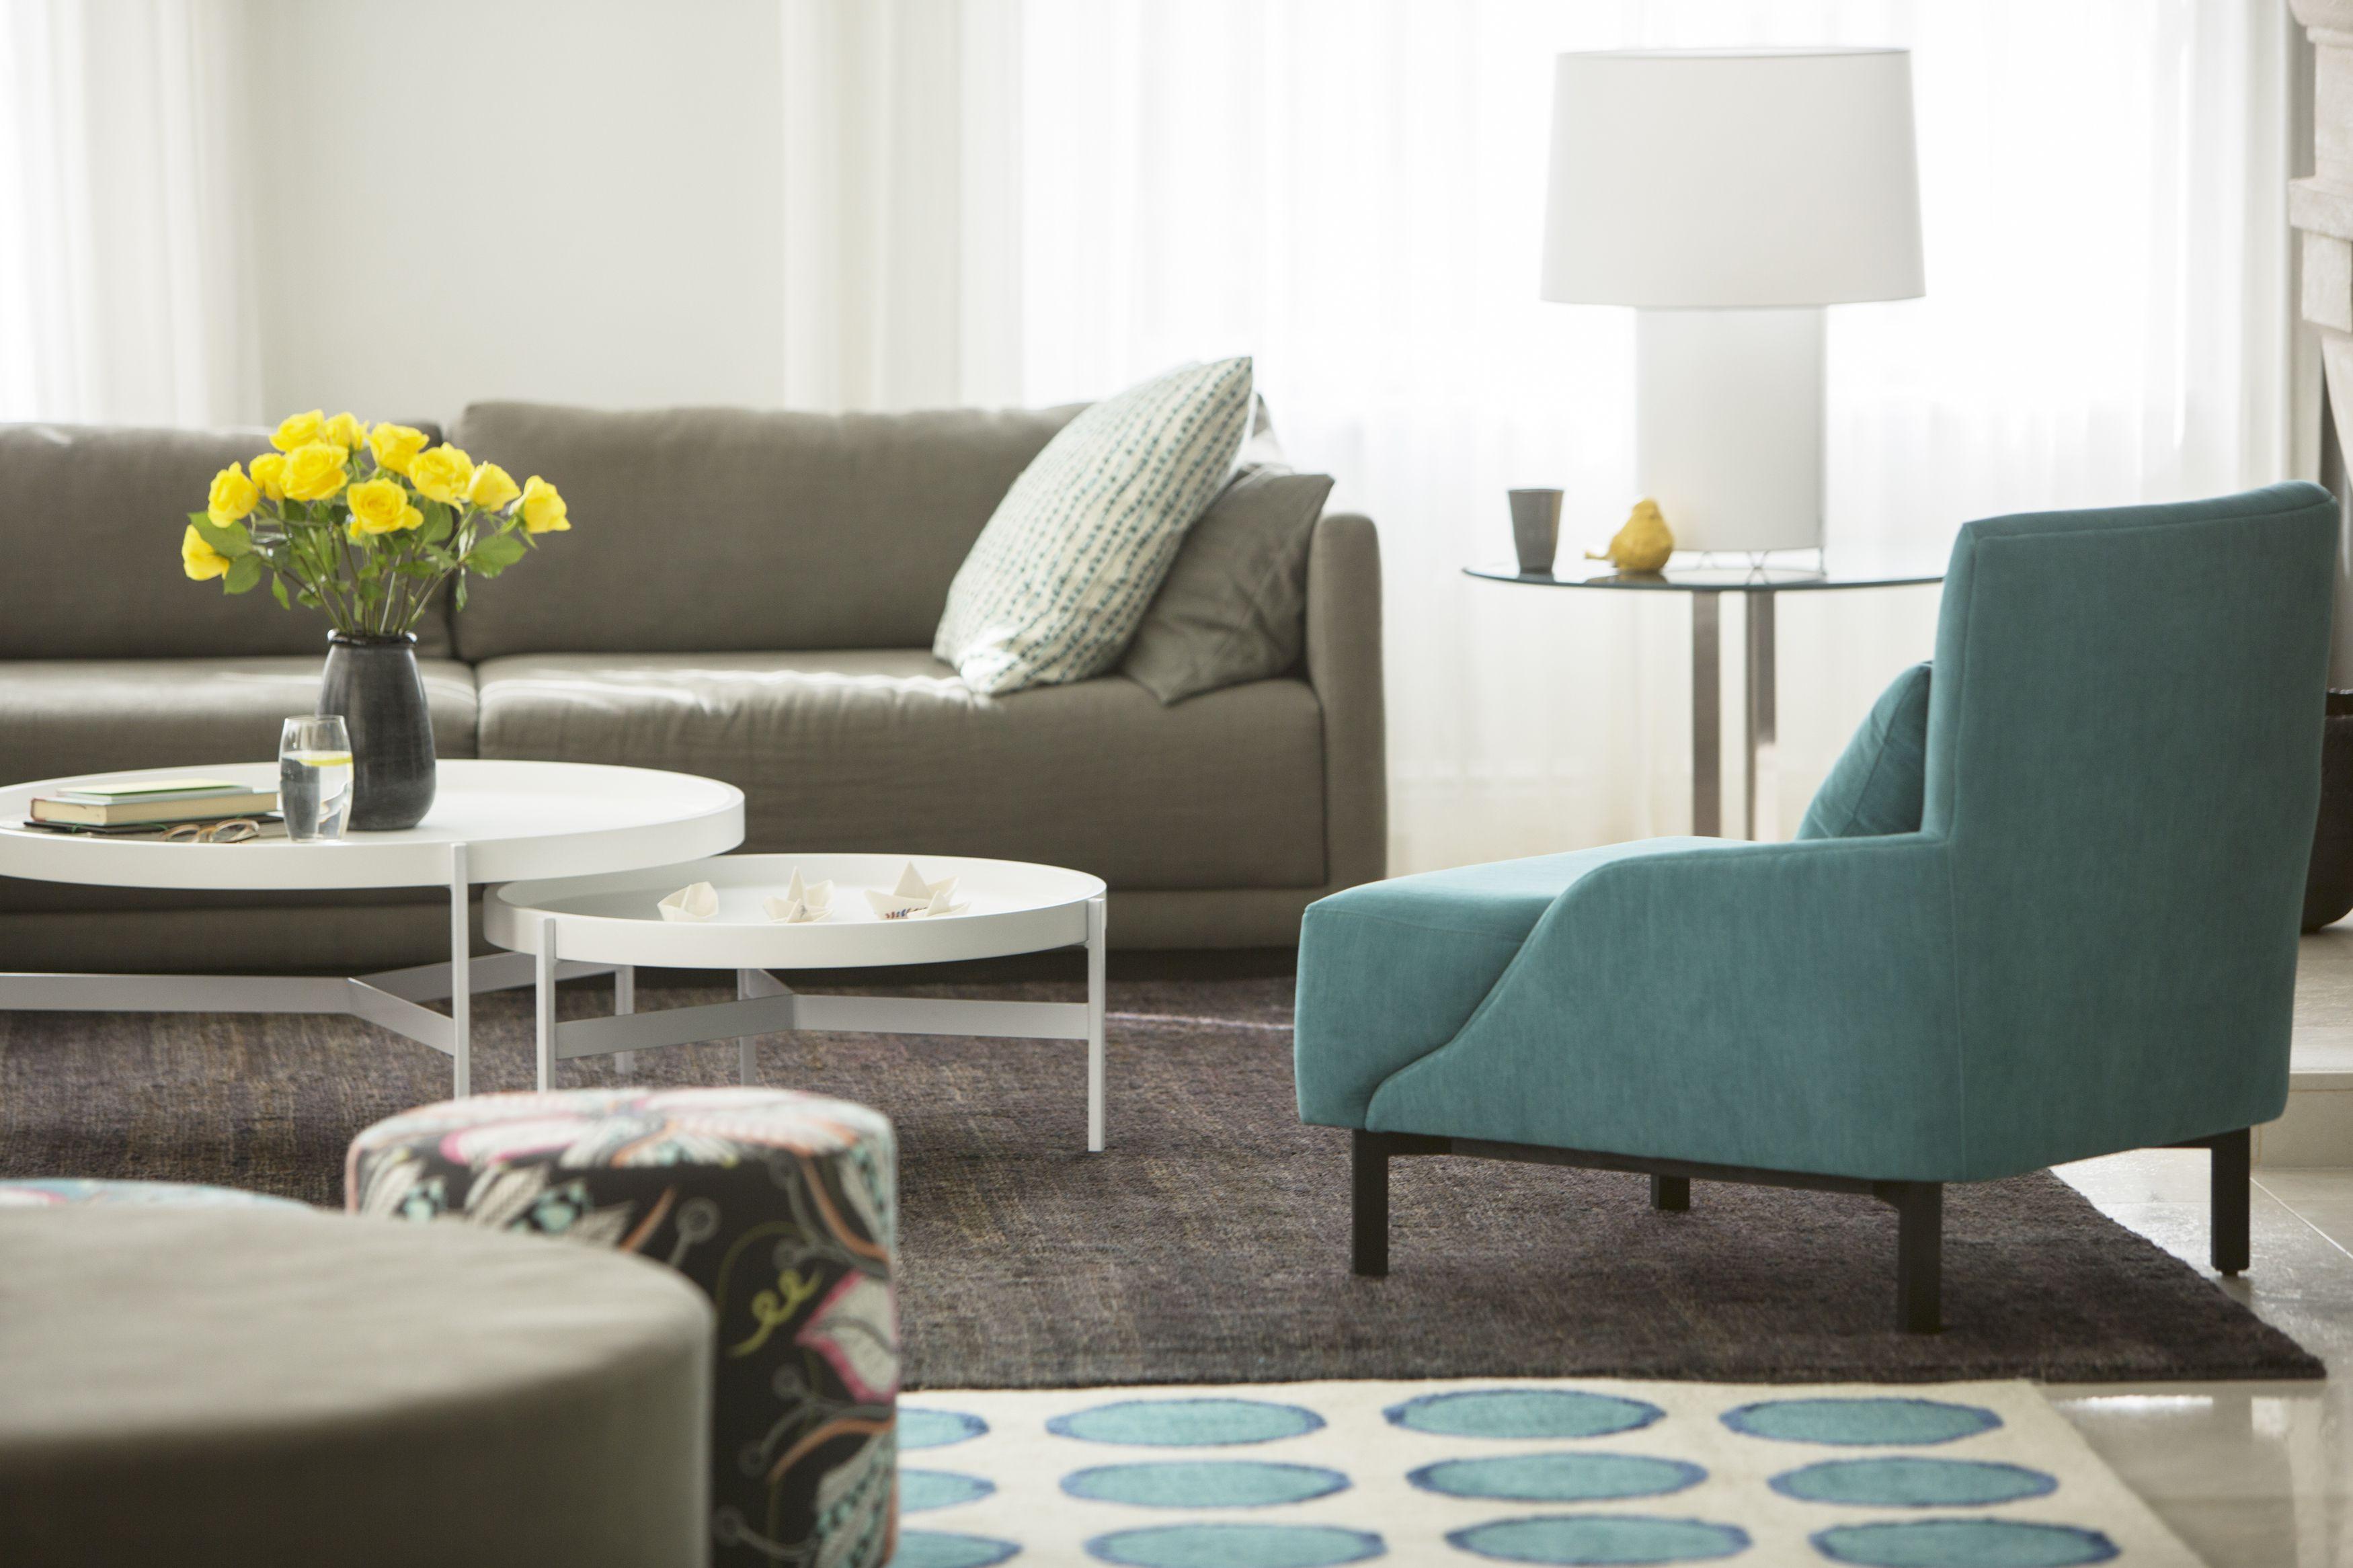 modern living room furniture full size of the living room: living room interior design ideas room furniture design NTLVTNI